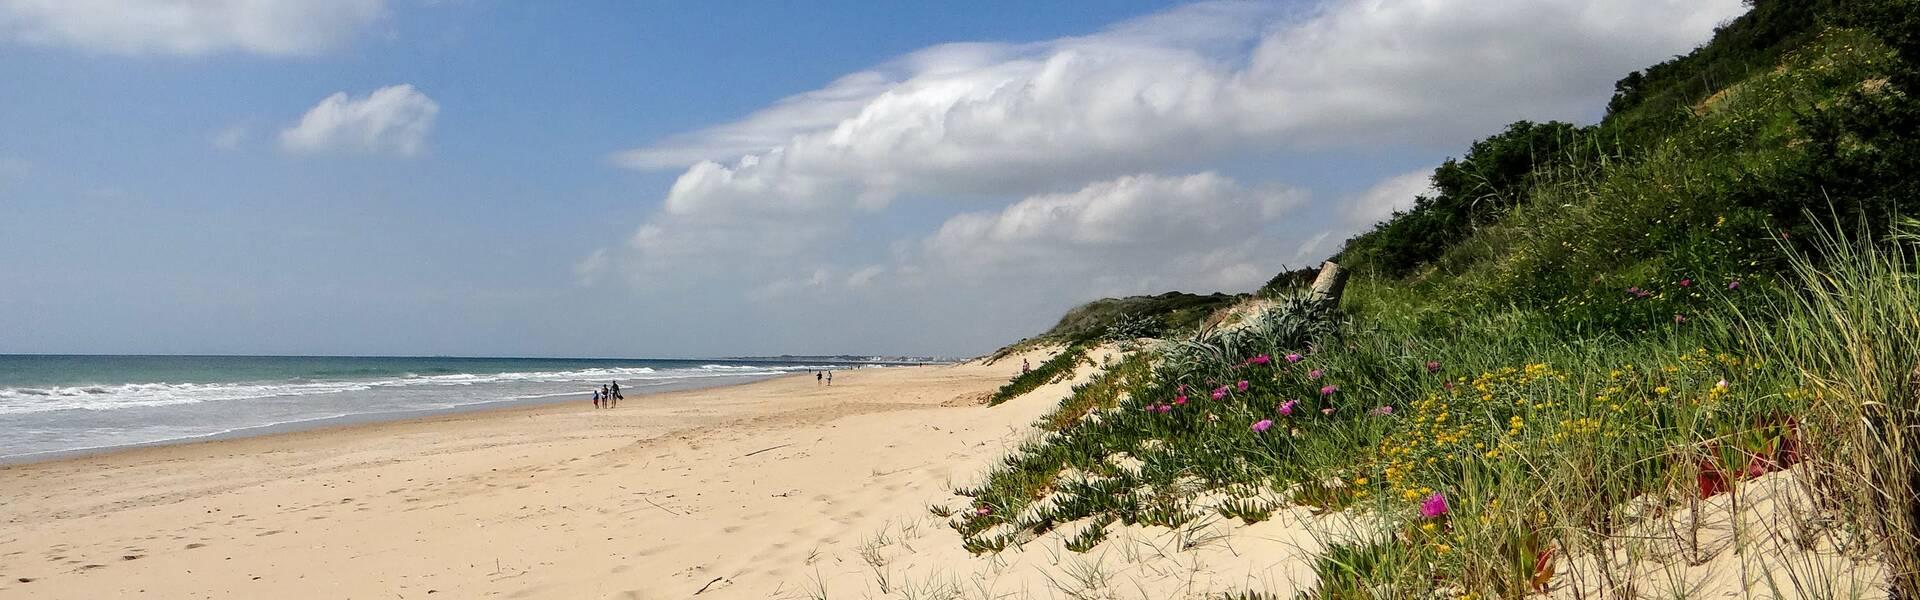 Costa de la Luz   andalusien 360°